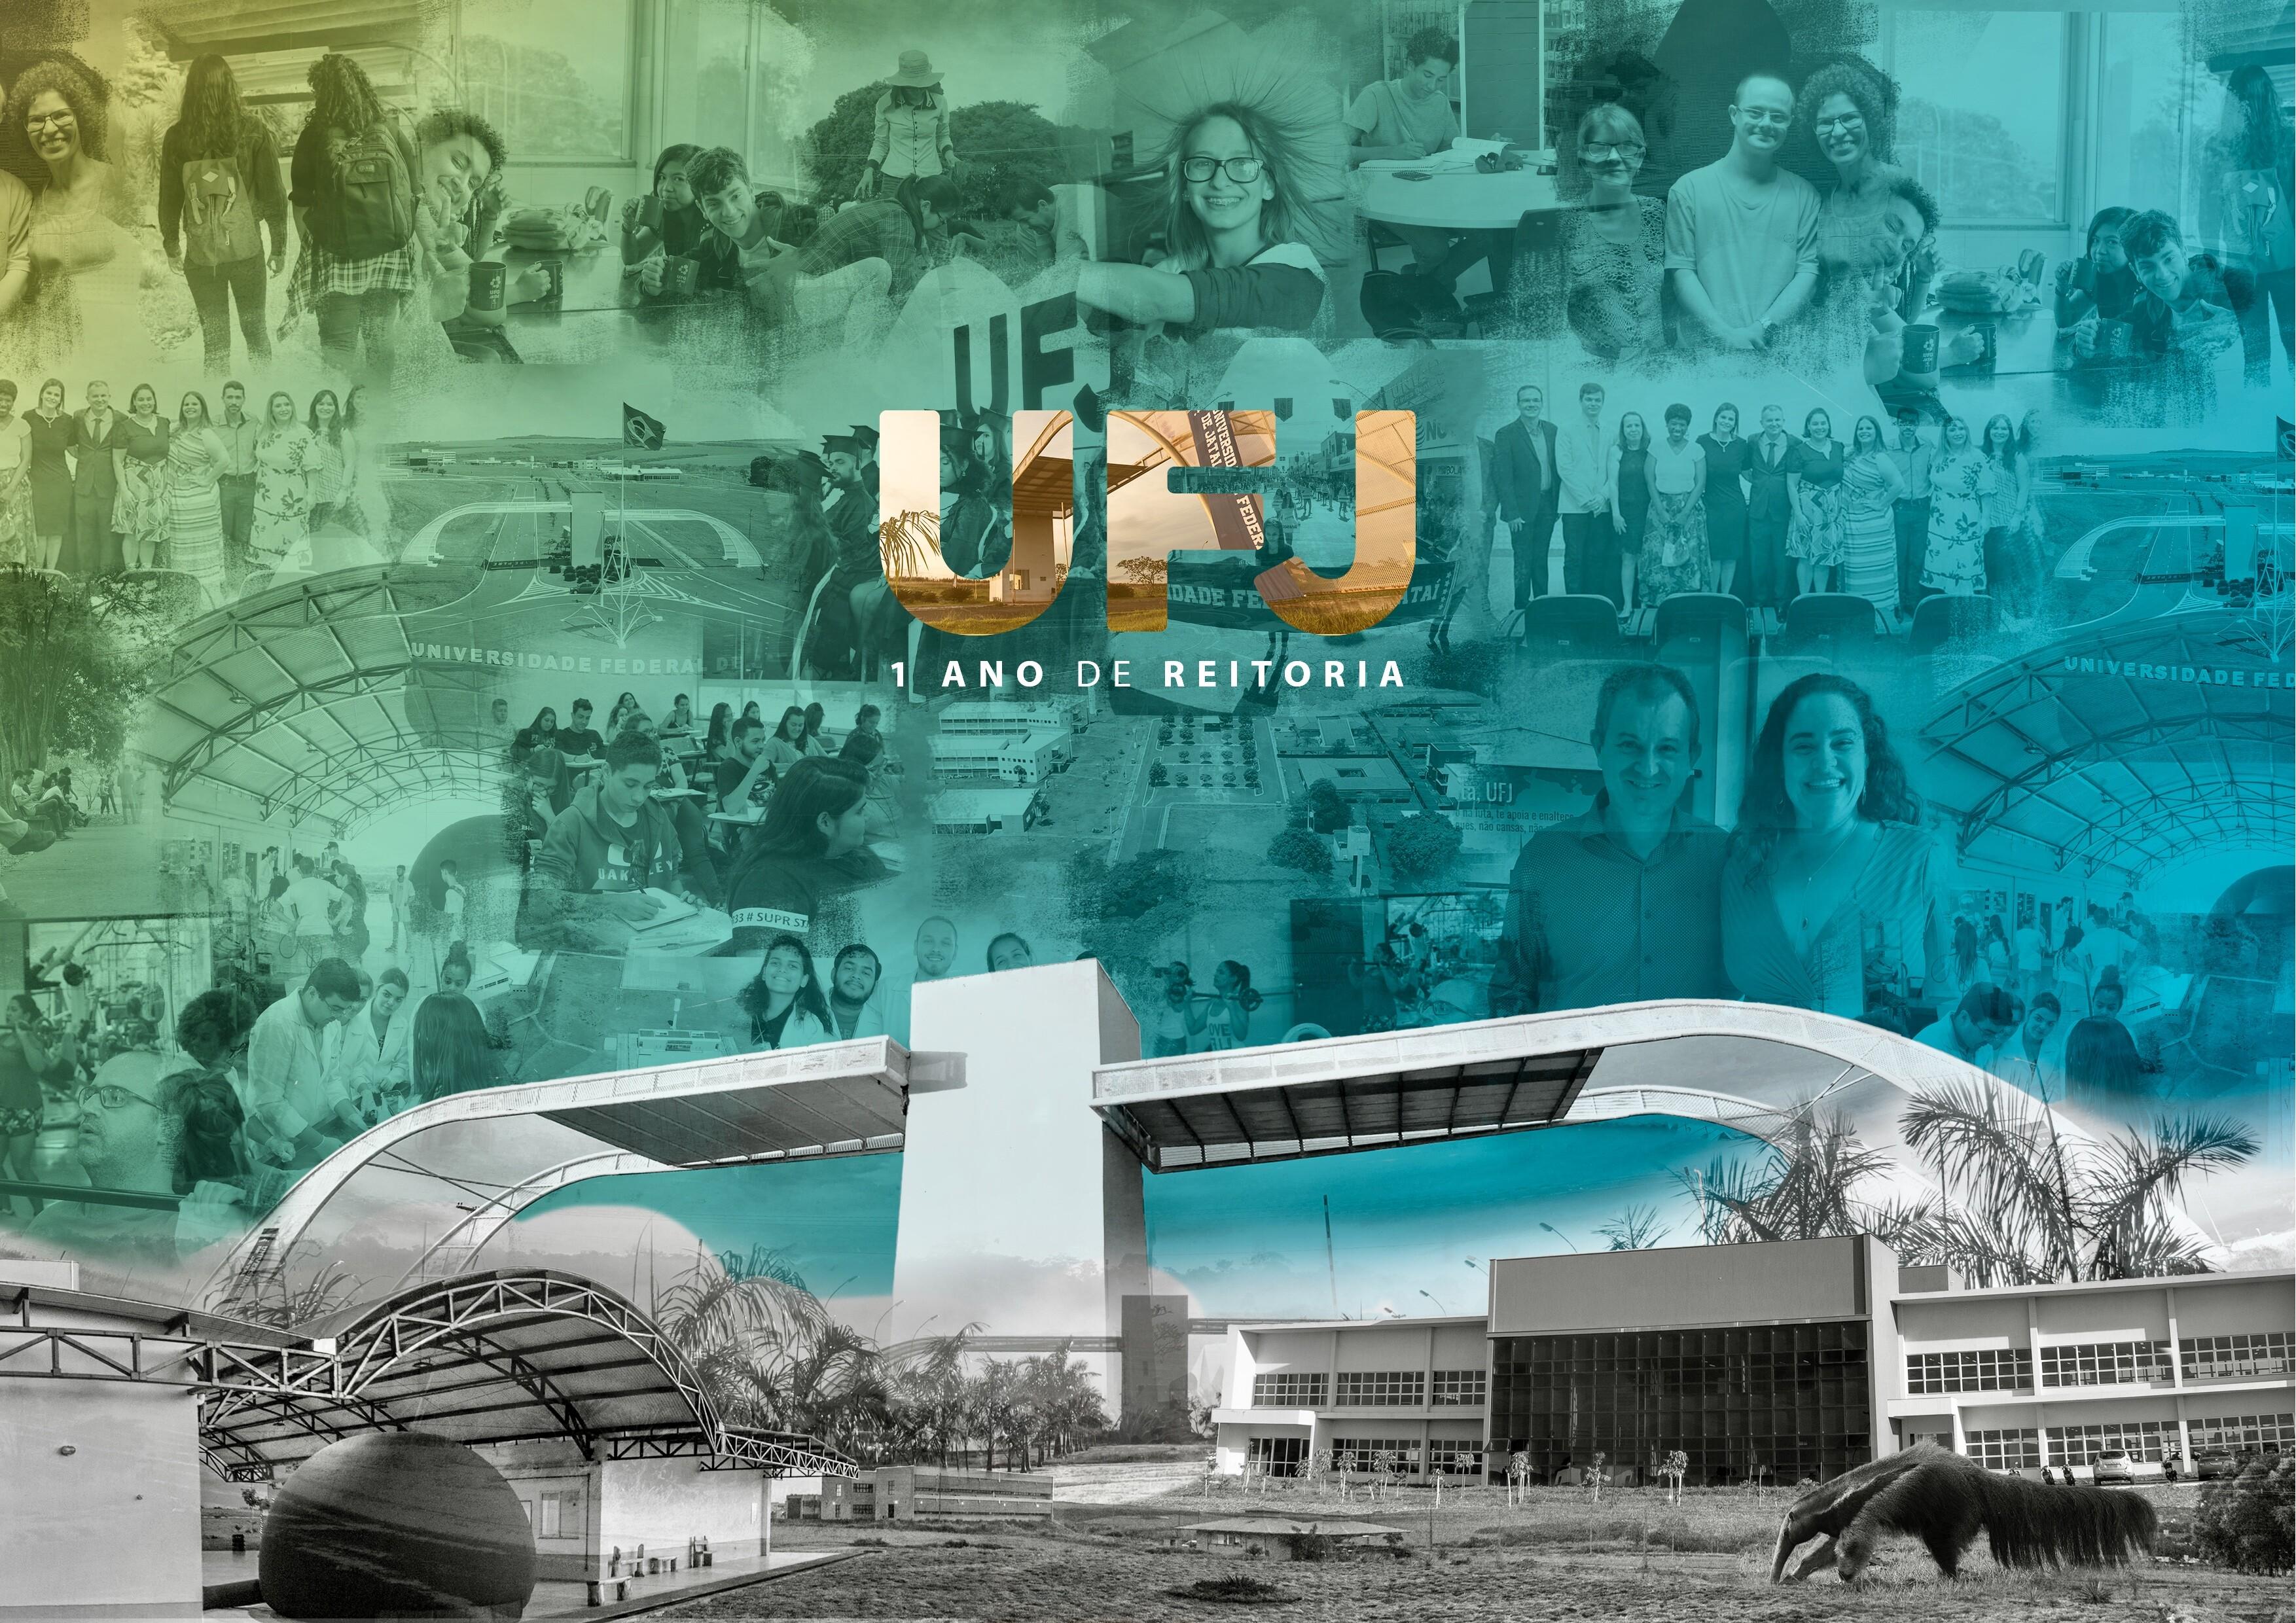 UFJ 1 ano de Reitoria